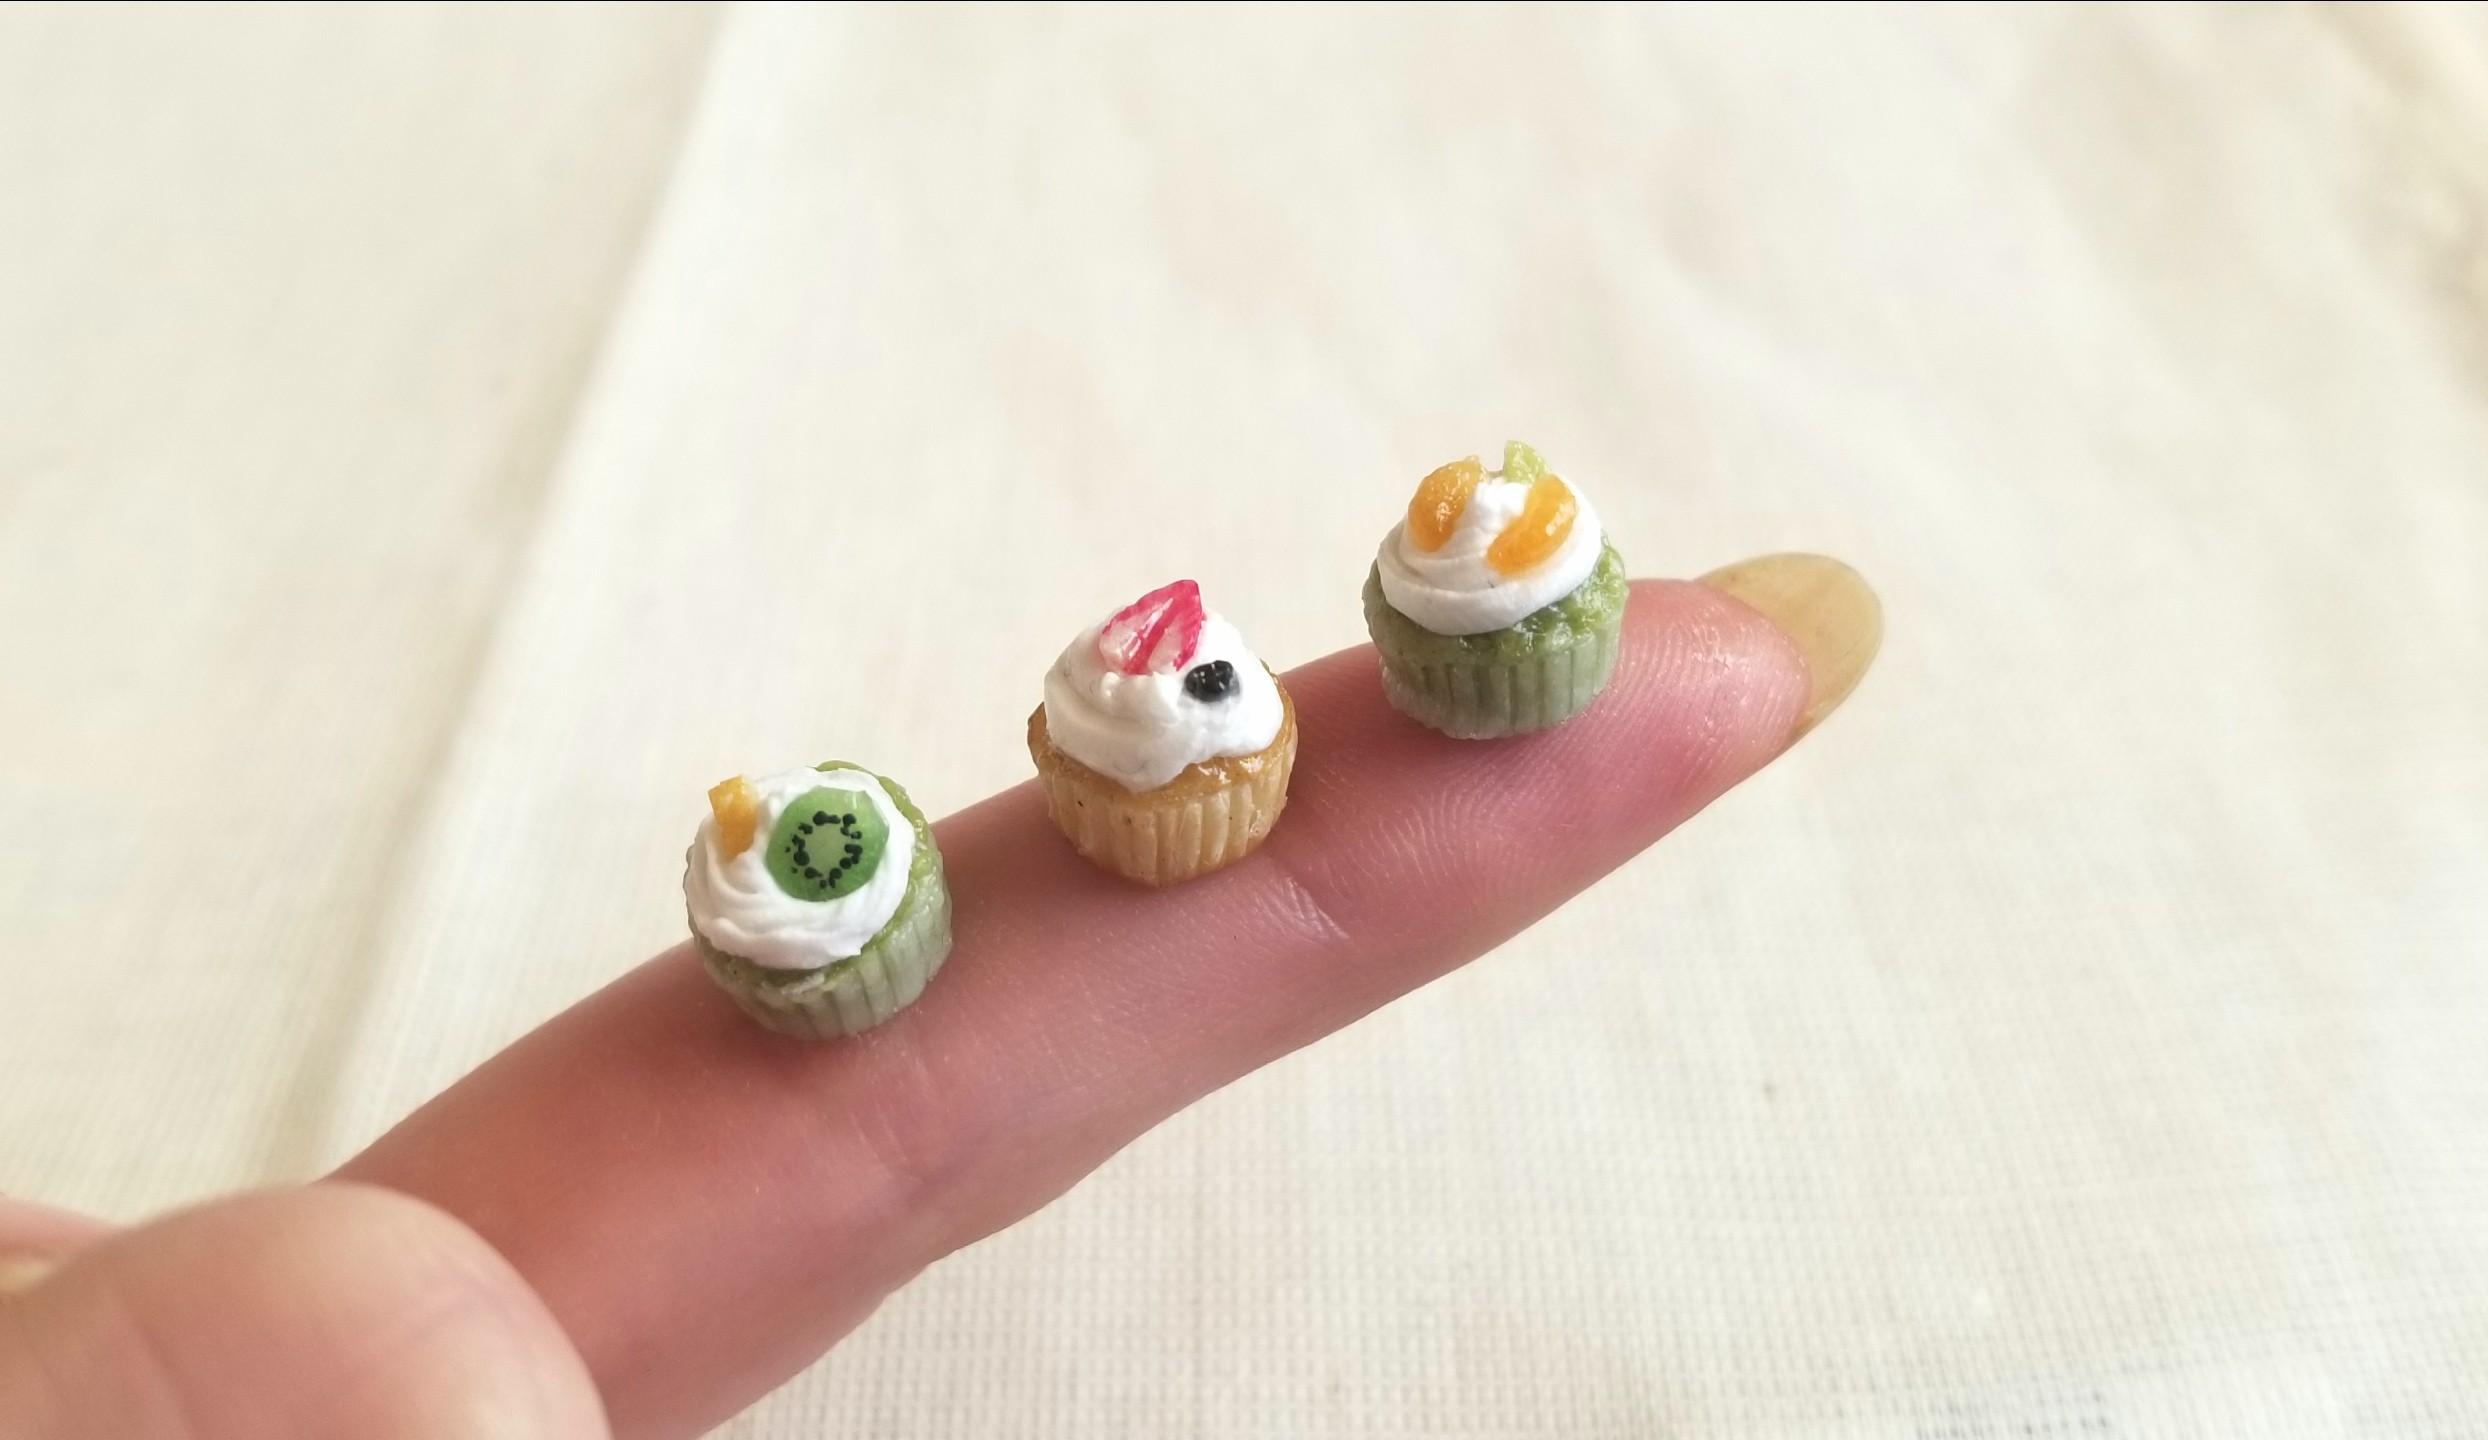 カップケーキ,フルーツ,樹脂粘土,ミニチュア,ミニスウィーツドール